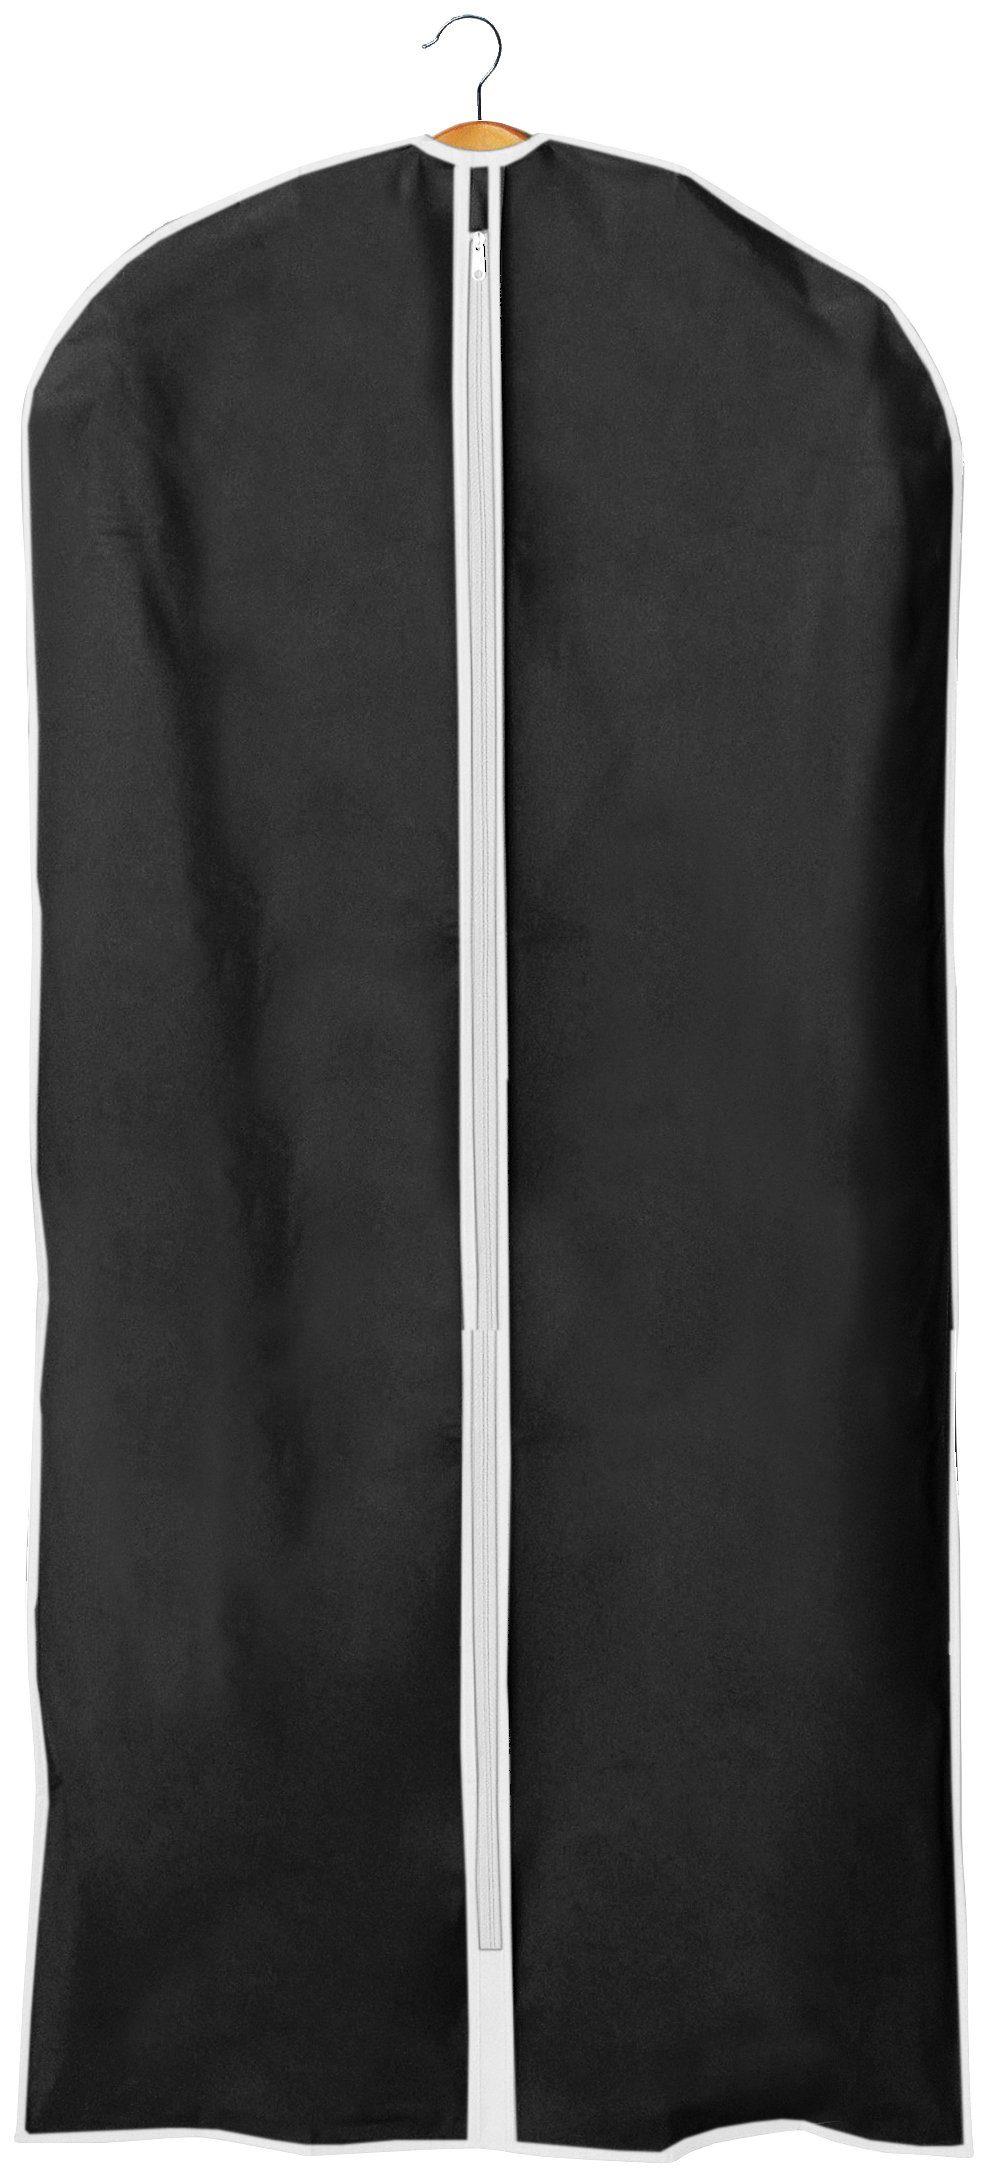 Kleidersack »One Way«, Größe L, 2er-Set